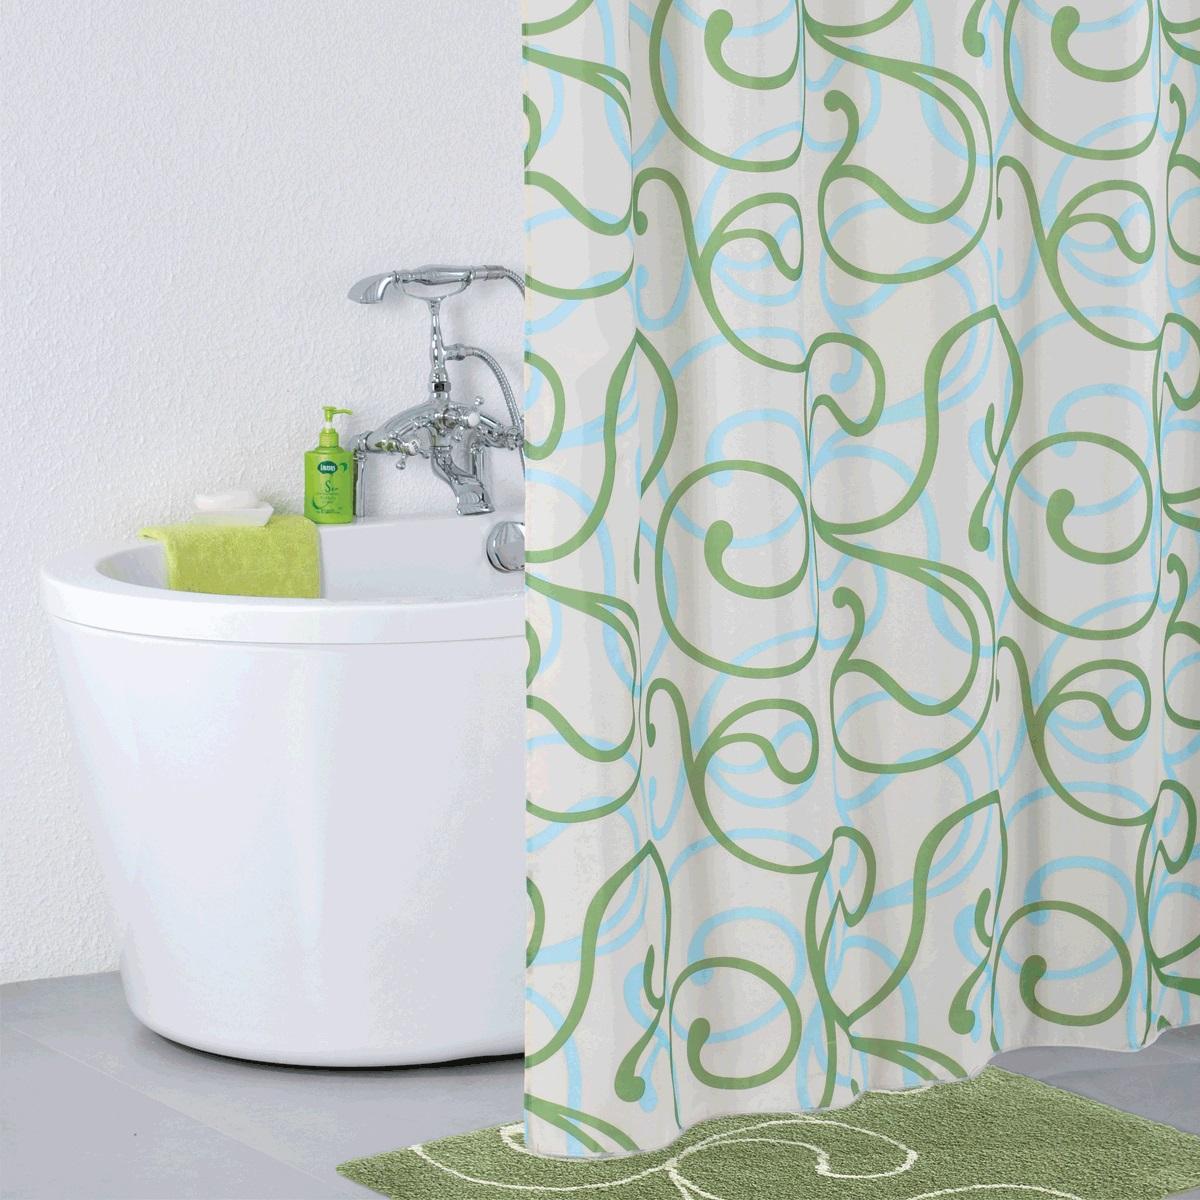 Штора для ванной Iddis Flower Lace Green, цвет: белый, зеленый, 200 x 200 см412P20RI11Штора для ванной комнаты Iddis выполнена из быстросохнущего материала - 100% полиэстера, что обеспечивает прочность изделия и легкость ухода за ним.Материал шторы пропитан специальным водоотталкивающим составом Waterprof.Изделие изготовлено из экологически-чистого материала, оно обладает высокой степенью гигиеничности, не вызывает аллергических реакций.Штора имеет 12 металлических люверсов. В комплекте: штора и кольца.